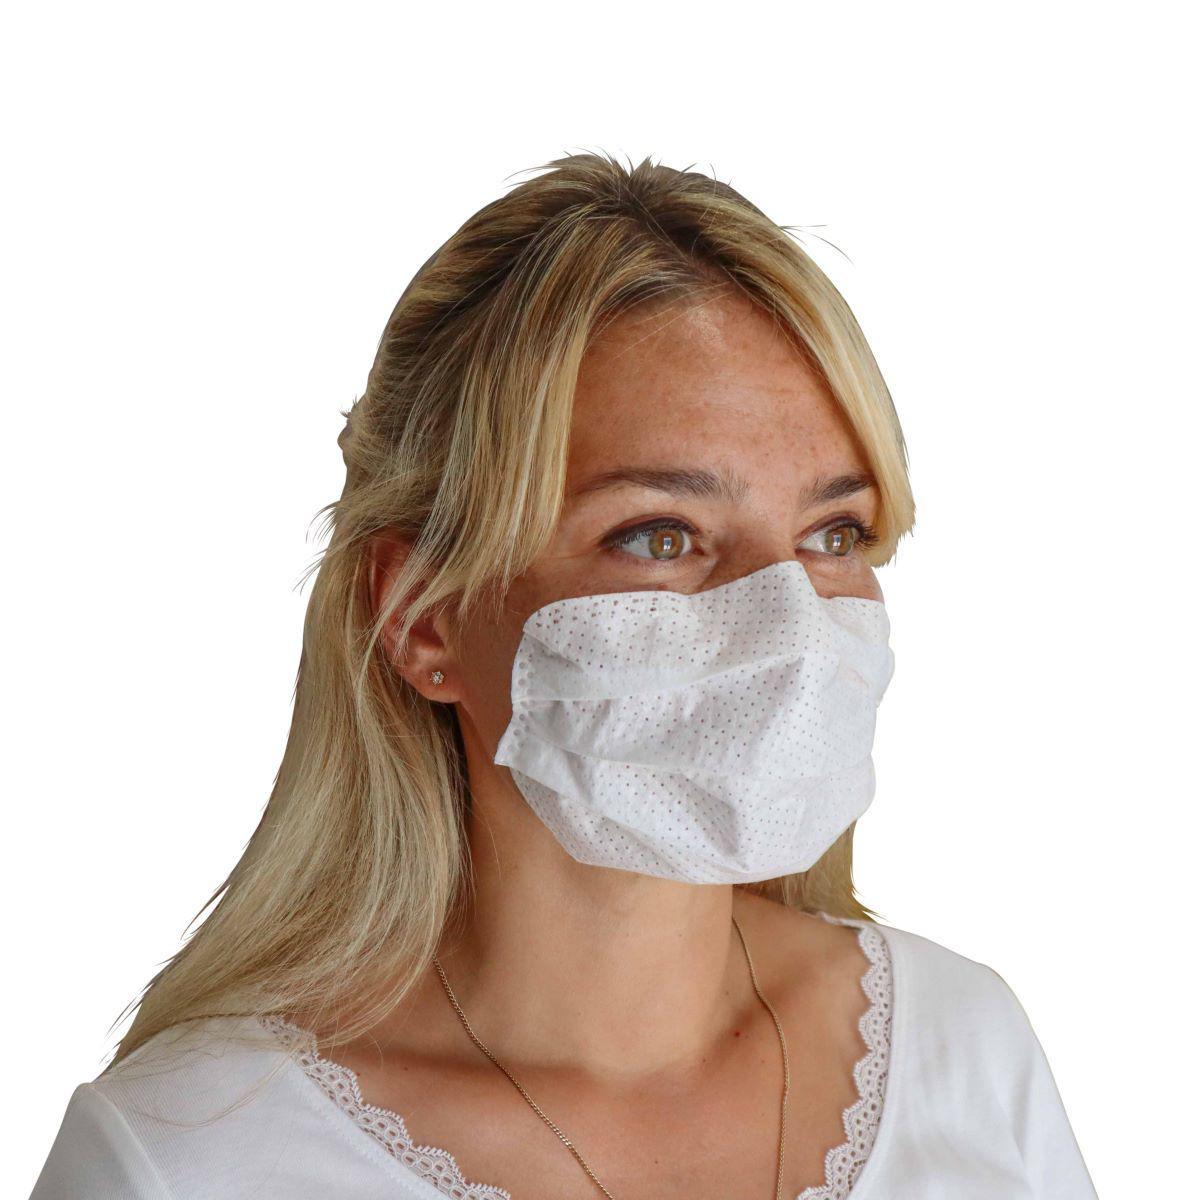 Bild von Innovative selbsthaftende Atemschutzmaske (10/20/50 Stück) mit besonderem Tragekomfort